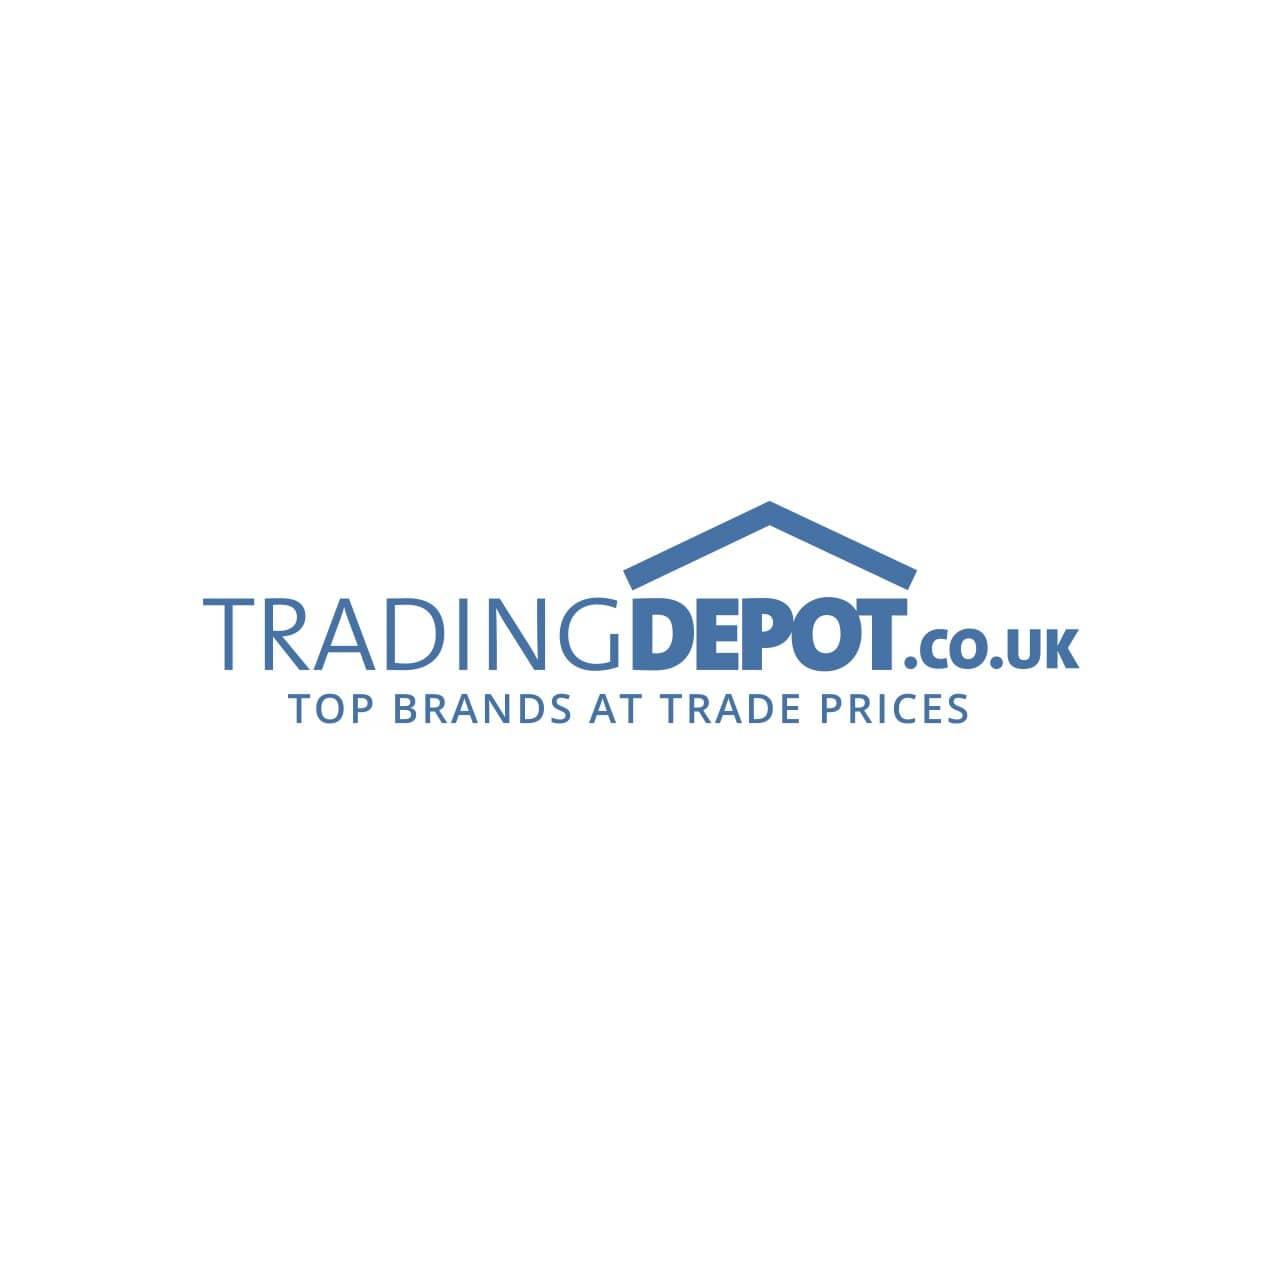 Britool Expert E150110B Ball Pein Hammer 908g (2lb) - BRIE150110B